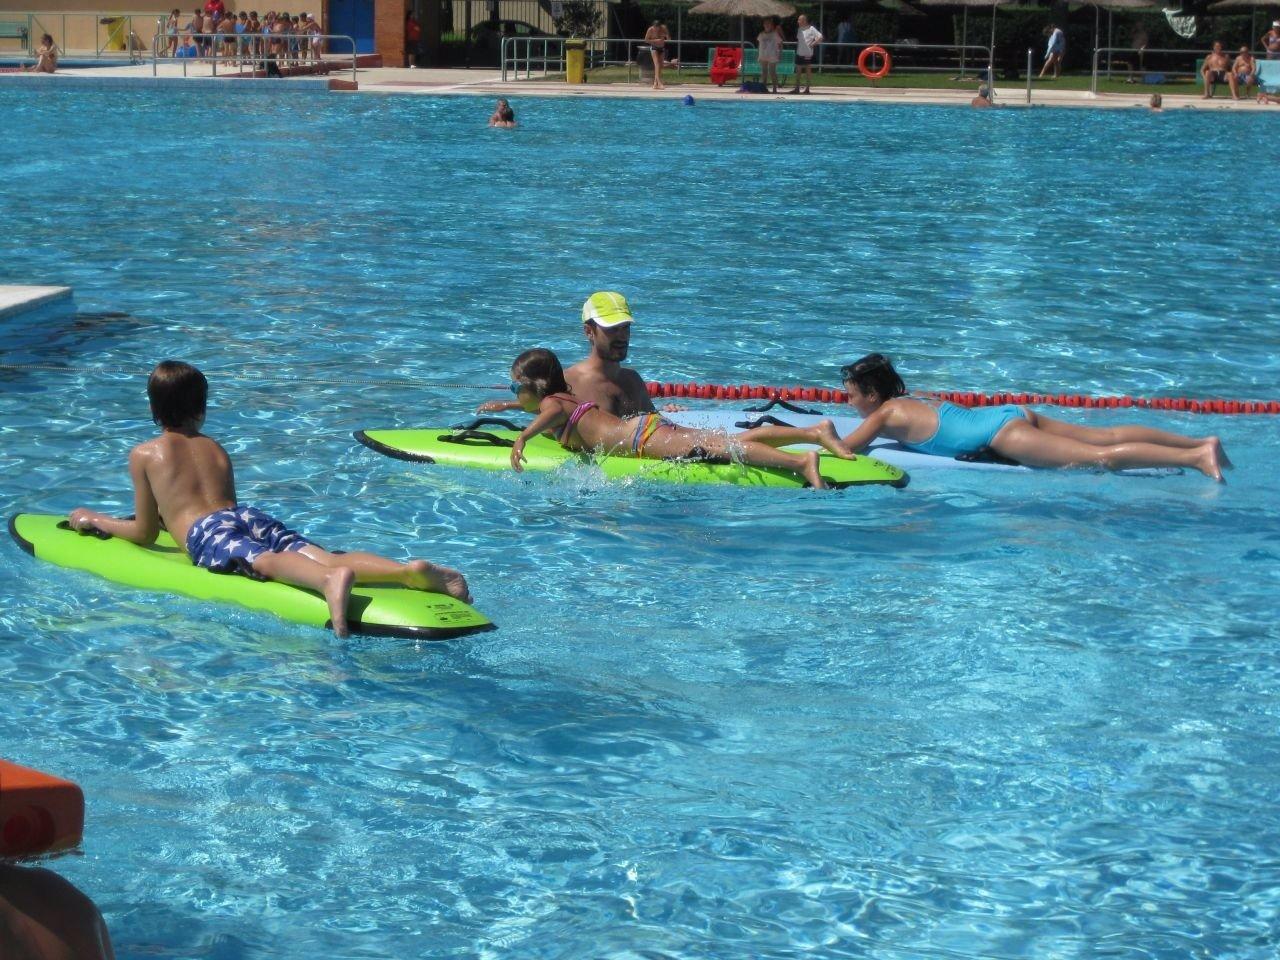 Las piscinas de la comunidad recibieron ba istas for Piscinas comunidad de madrid 2016